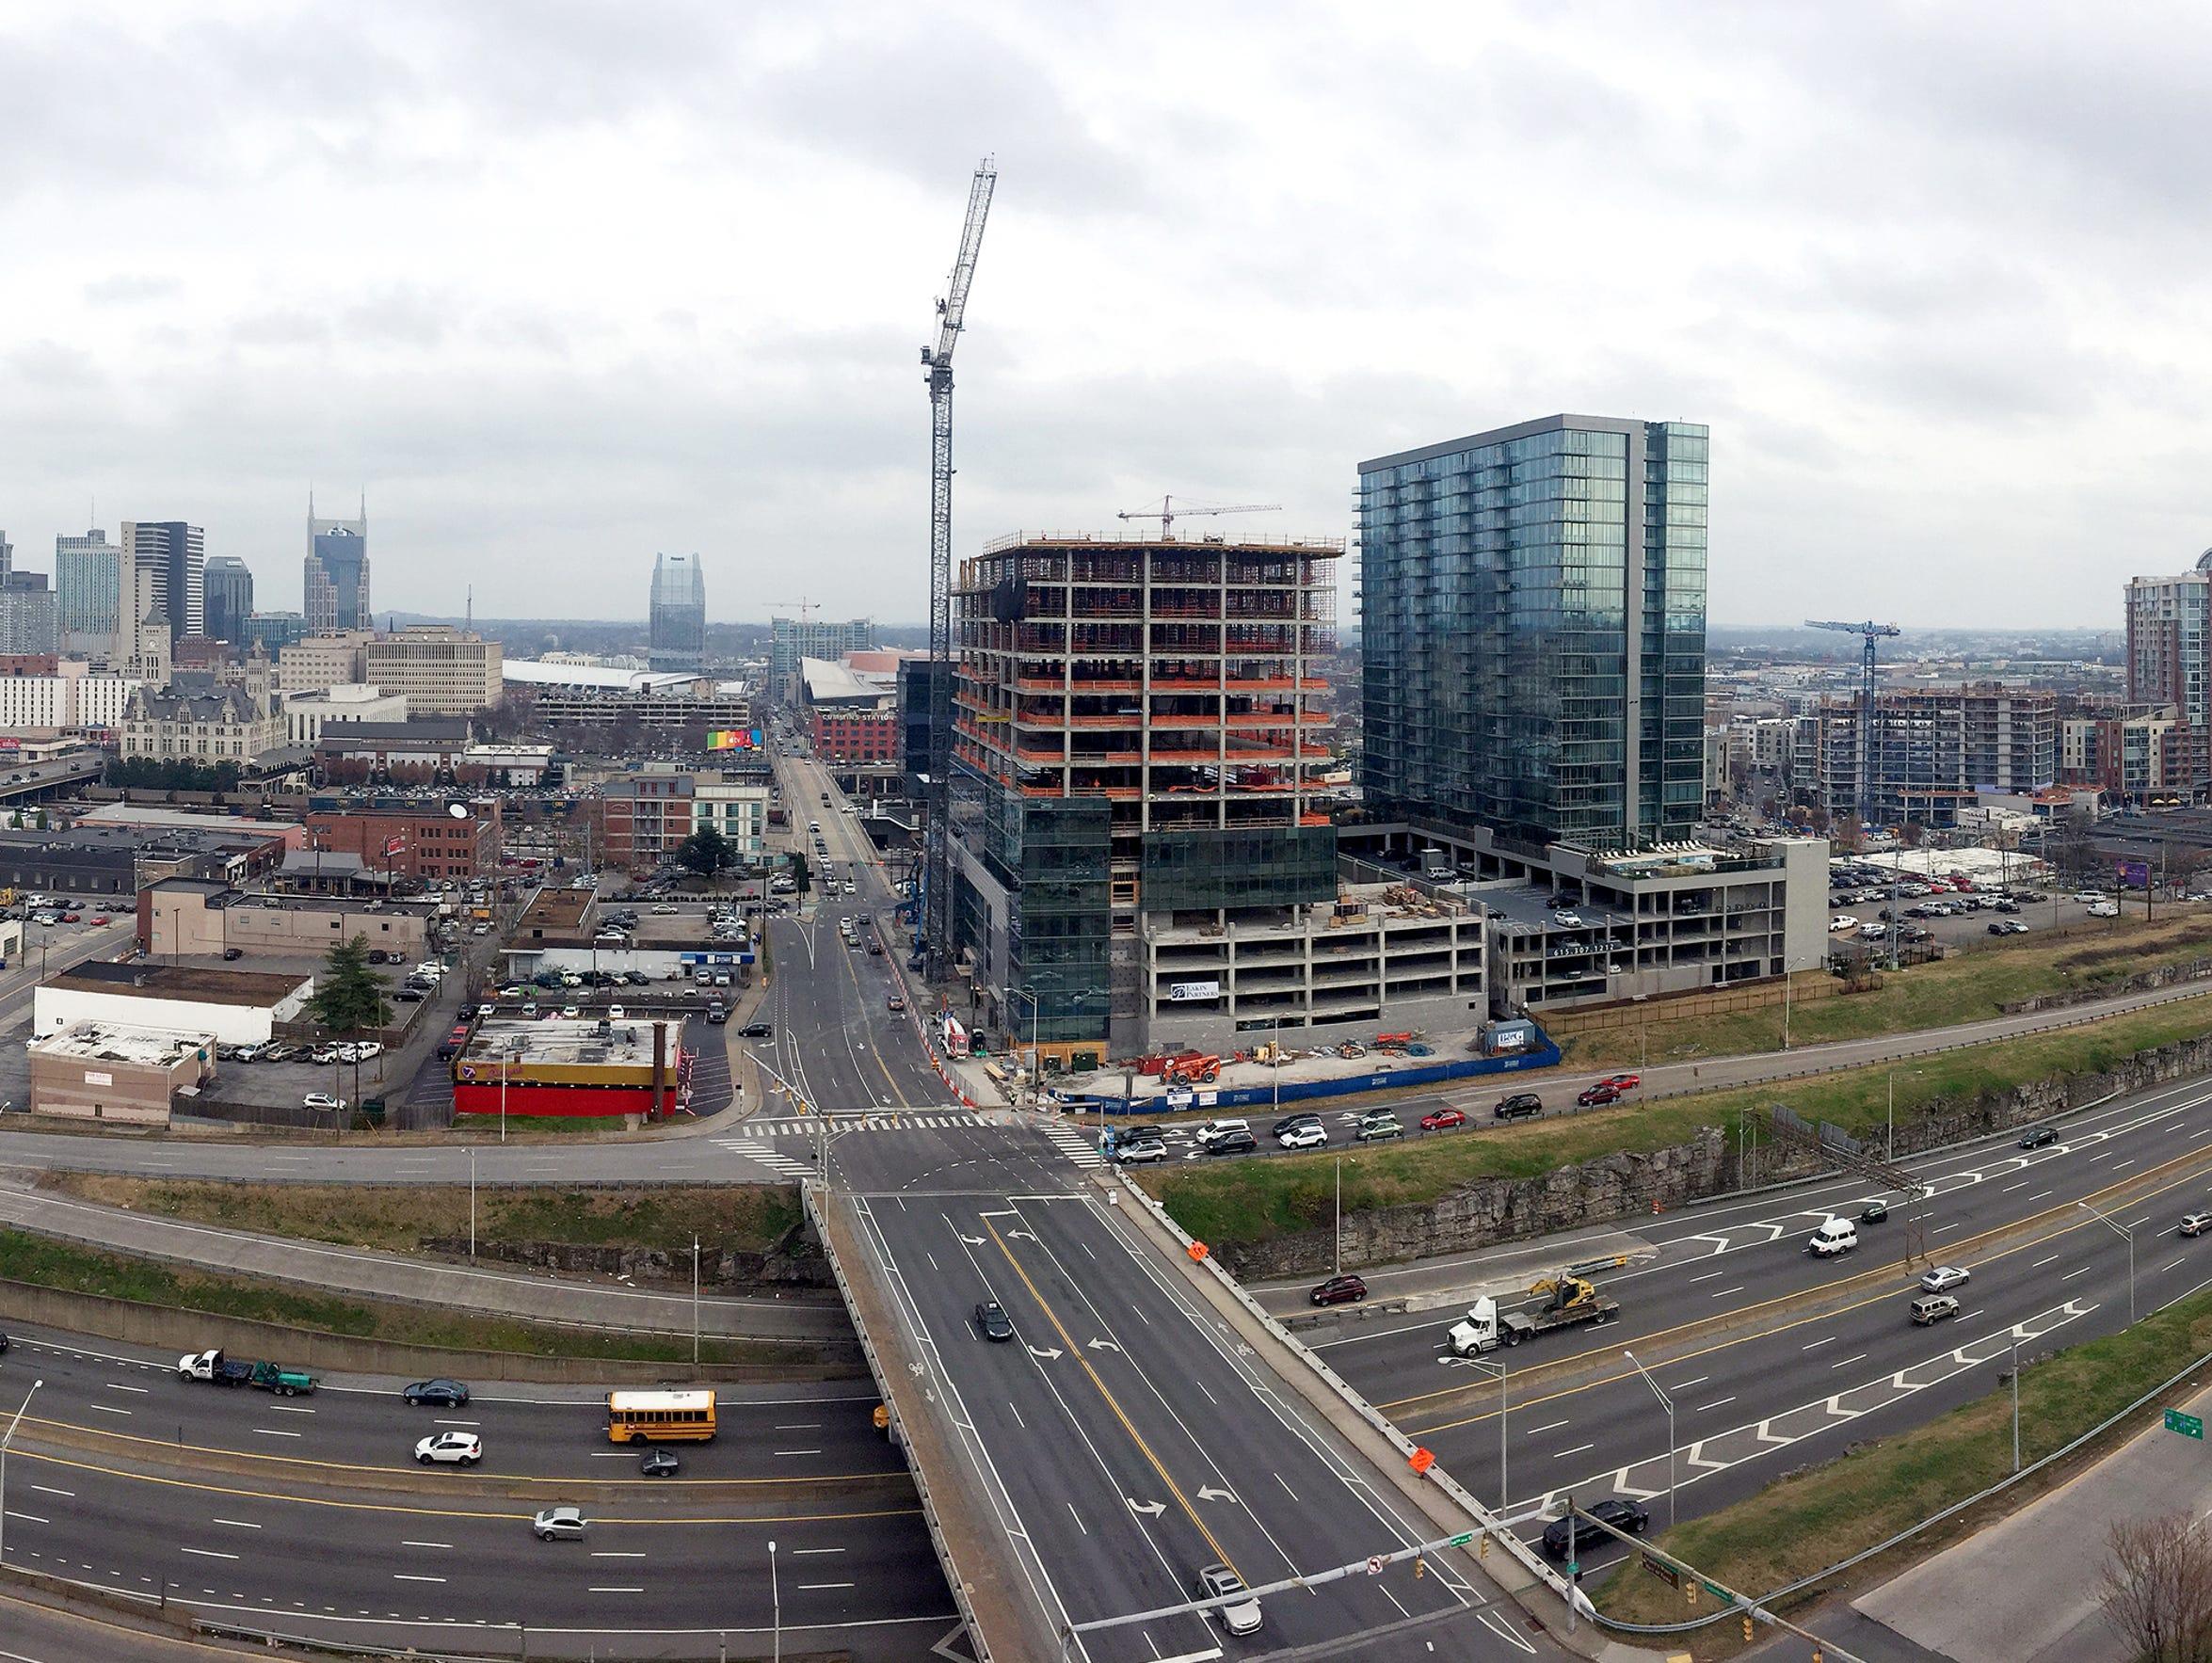 A panoramic view of Nashville looking down Demonbreun